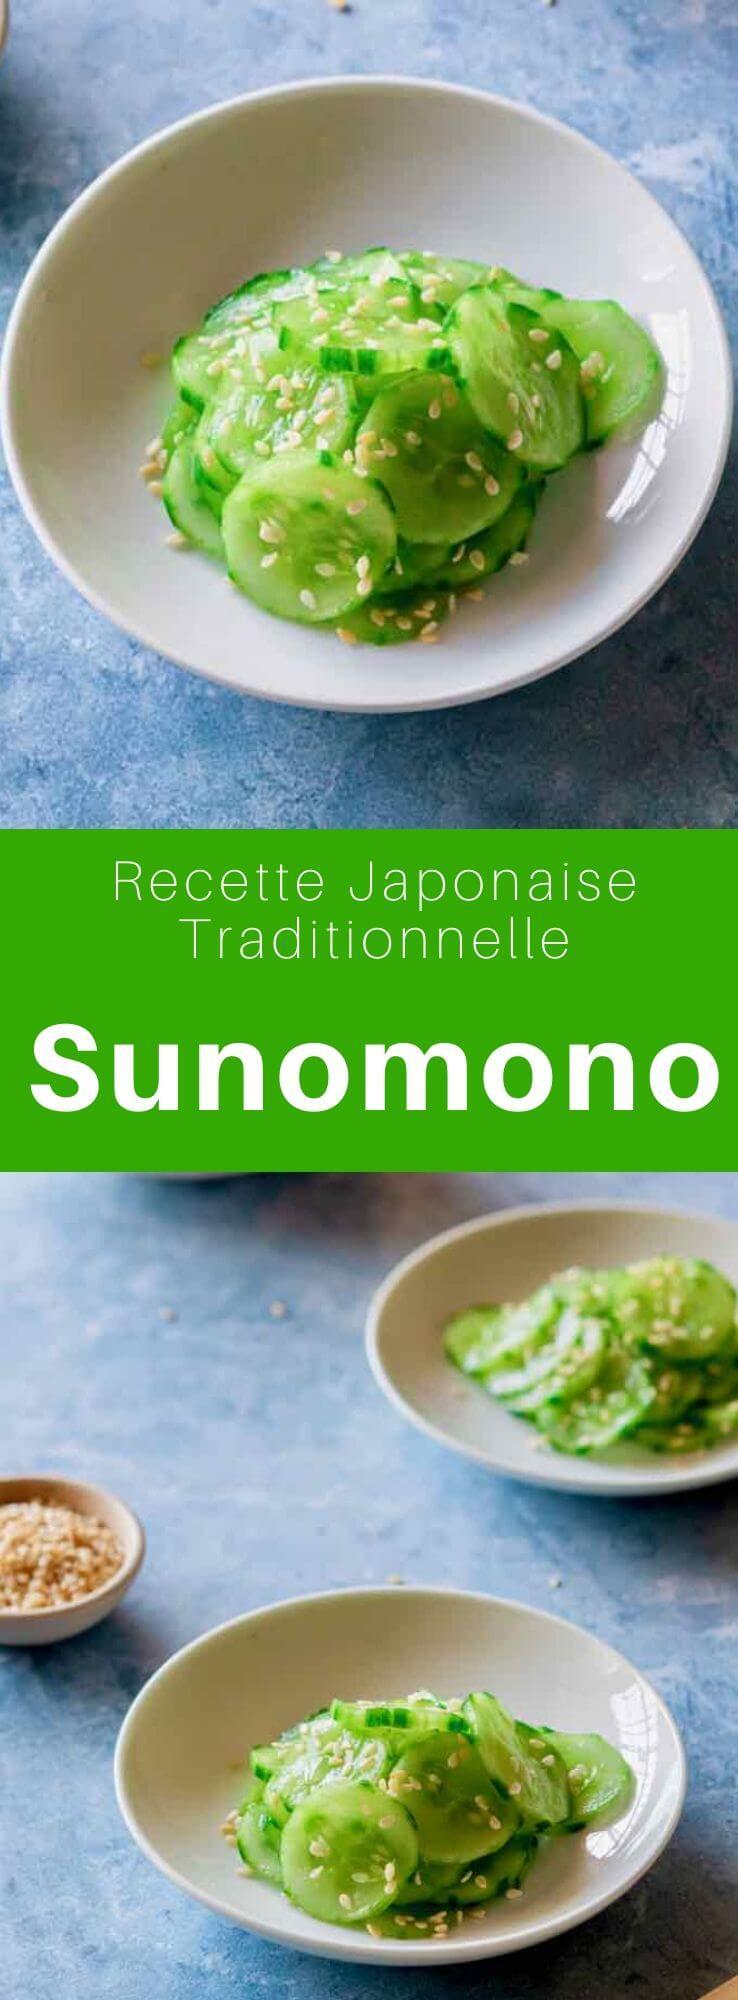 Le kiyuri sunomono ou kiyuri namasu (namasu au concombre) est une variété de plat japonais composé de légumes crus, finement émincés, marinés dans du vinaigre. #Japon #CuisineJaponaise #RecetteJaponaise #CuisineDuMonde #196flavors